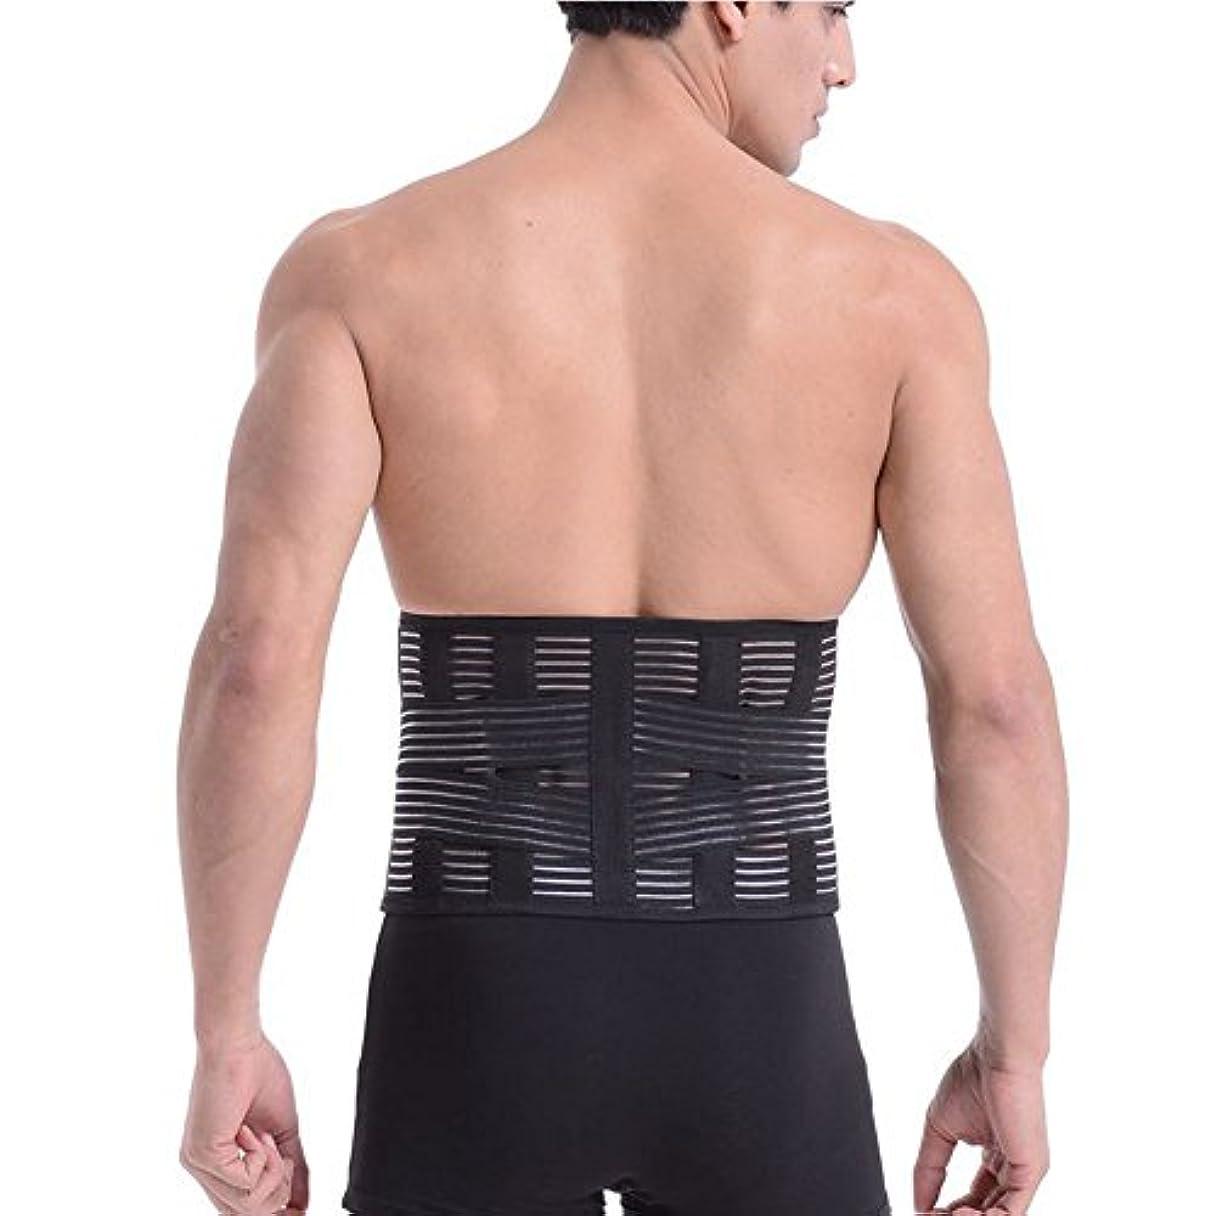 歌地区獲物Alioay 腰痛 サポートベルト コルセット 腰保護コルセット 薄型 腰の痛み 骨盤 姿勢 矯正 固定 伸縮性 支持力抜群 男女兼用 (S(60cm~80cm))